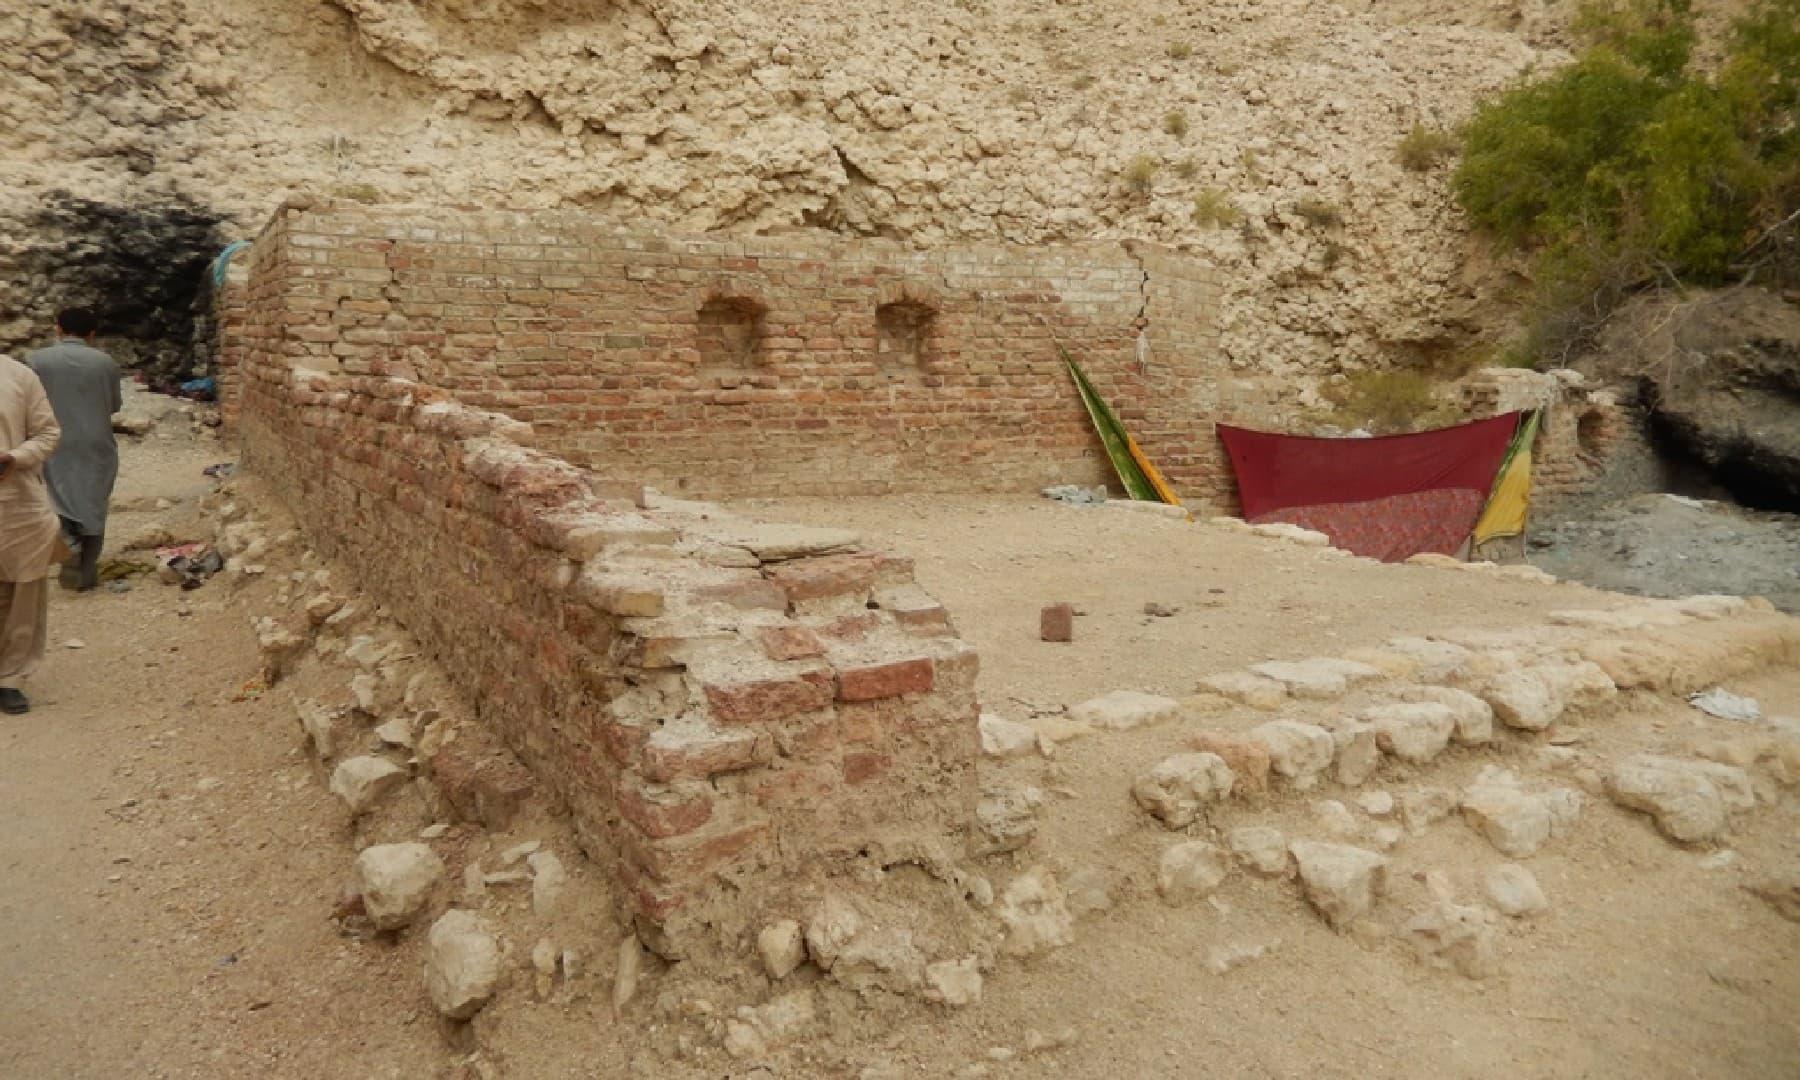 برٹش دور میں بنوائی گئی چار دیواری